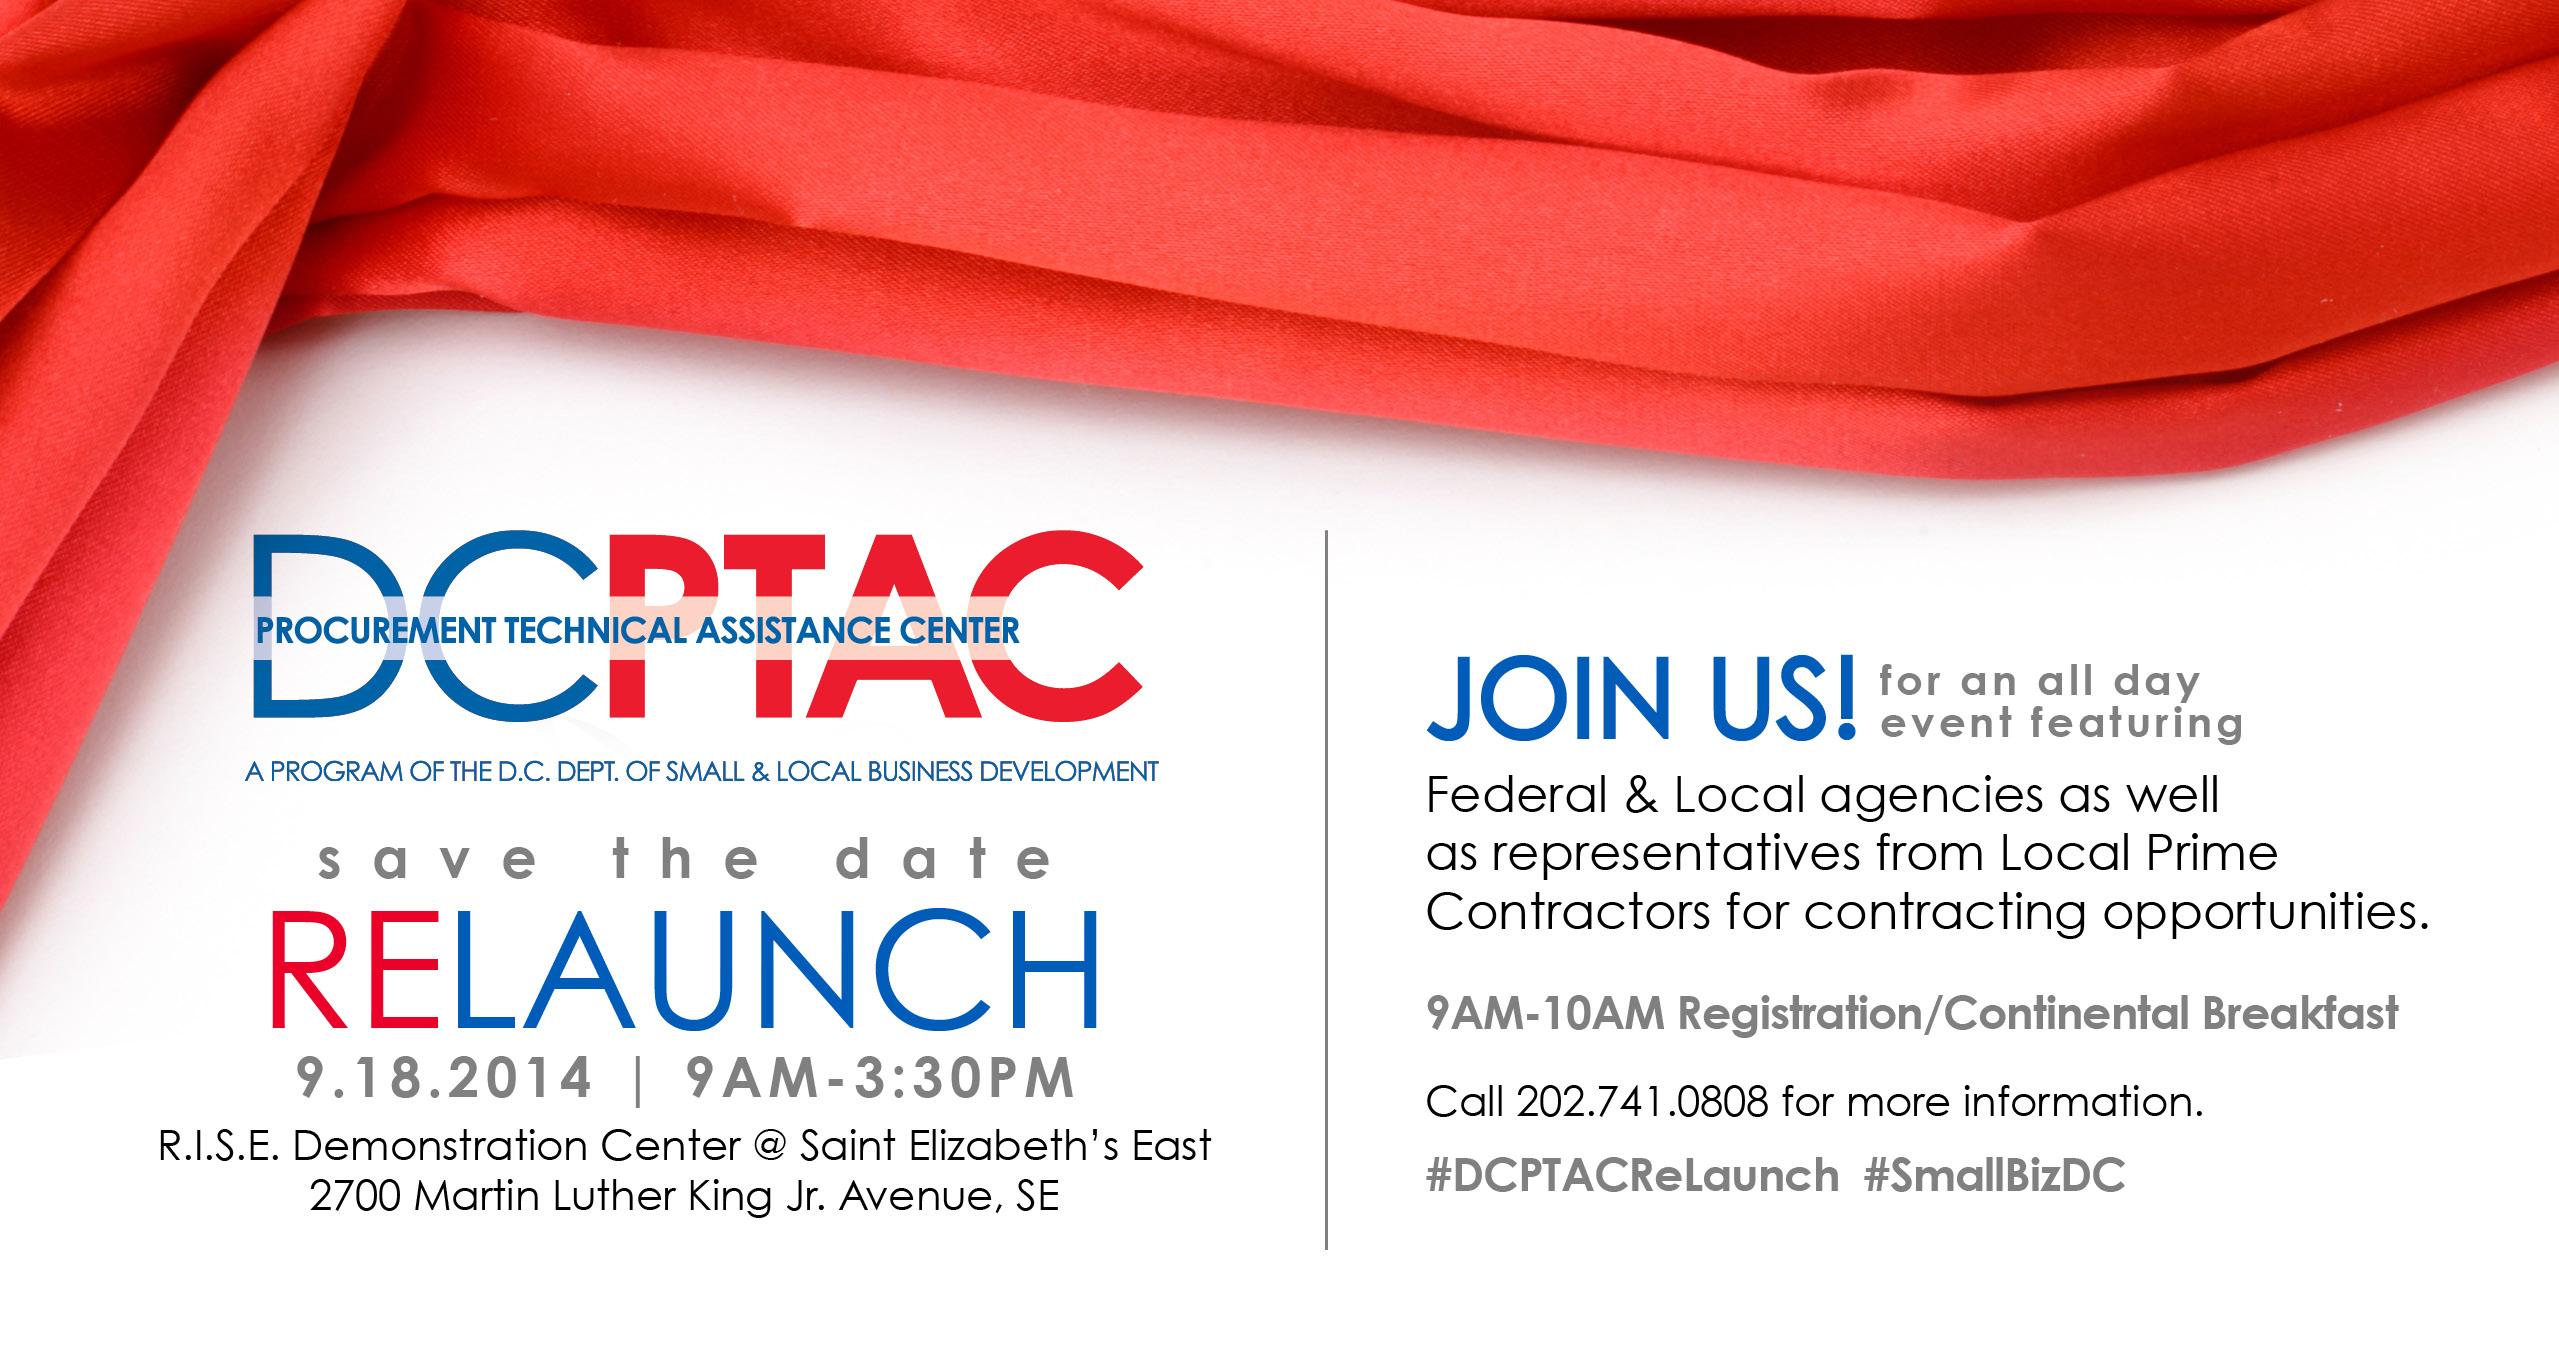 DC -PTAC  Procurement Technical Assistance Center RELAUNCH